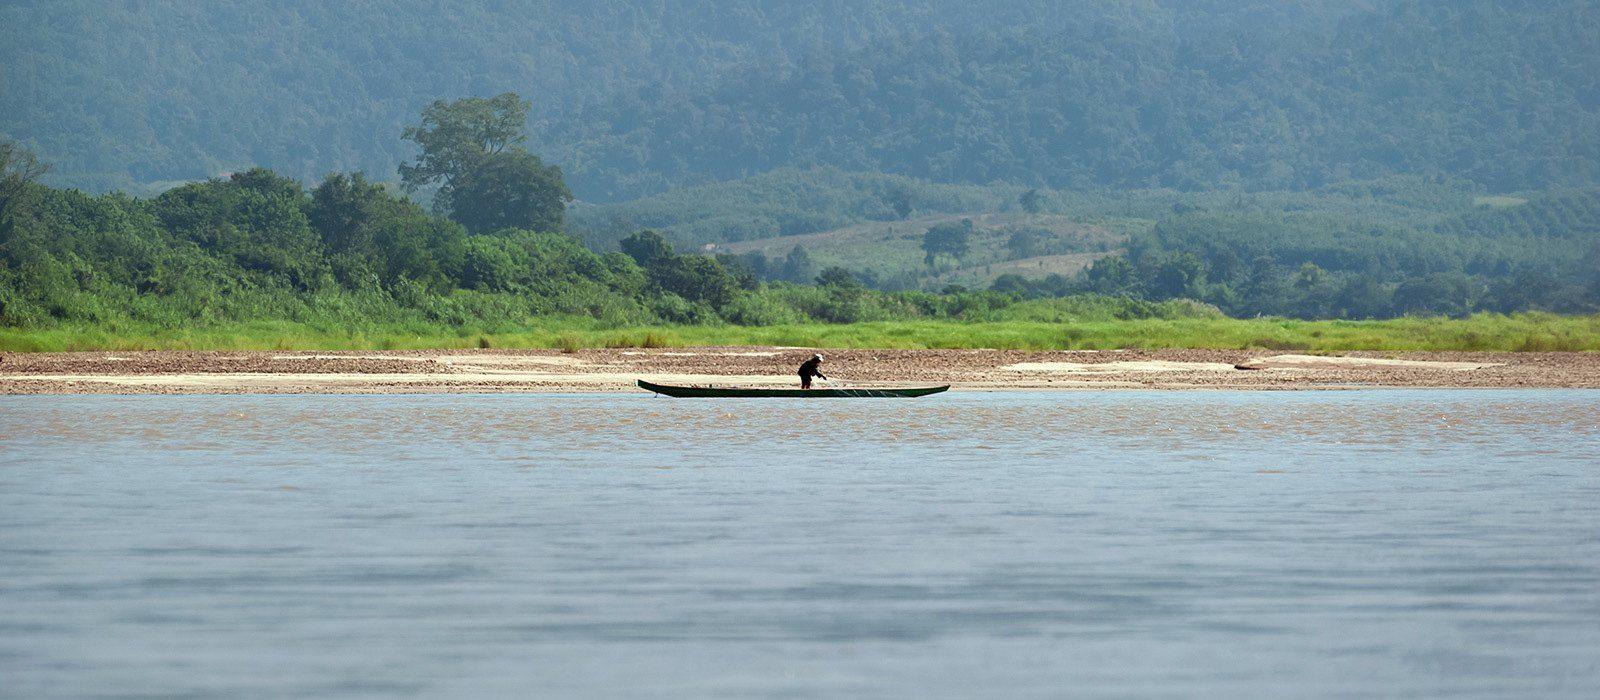 Destination Pakse / Mekong Delta Laos